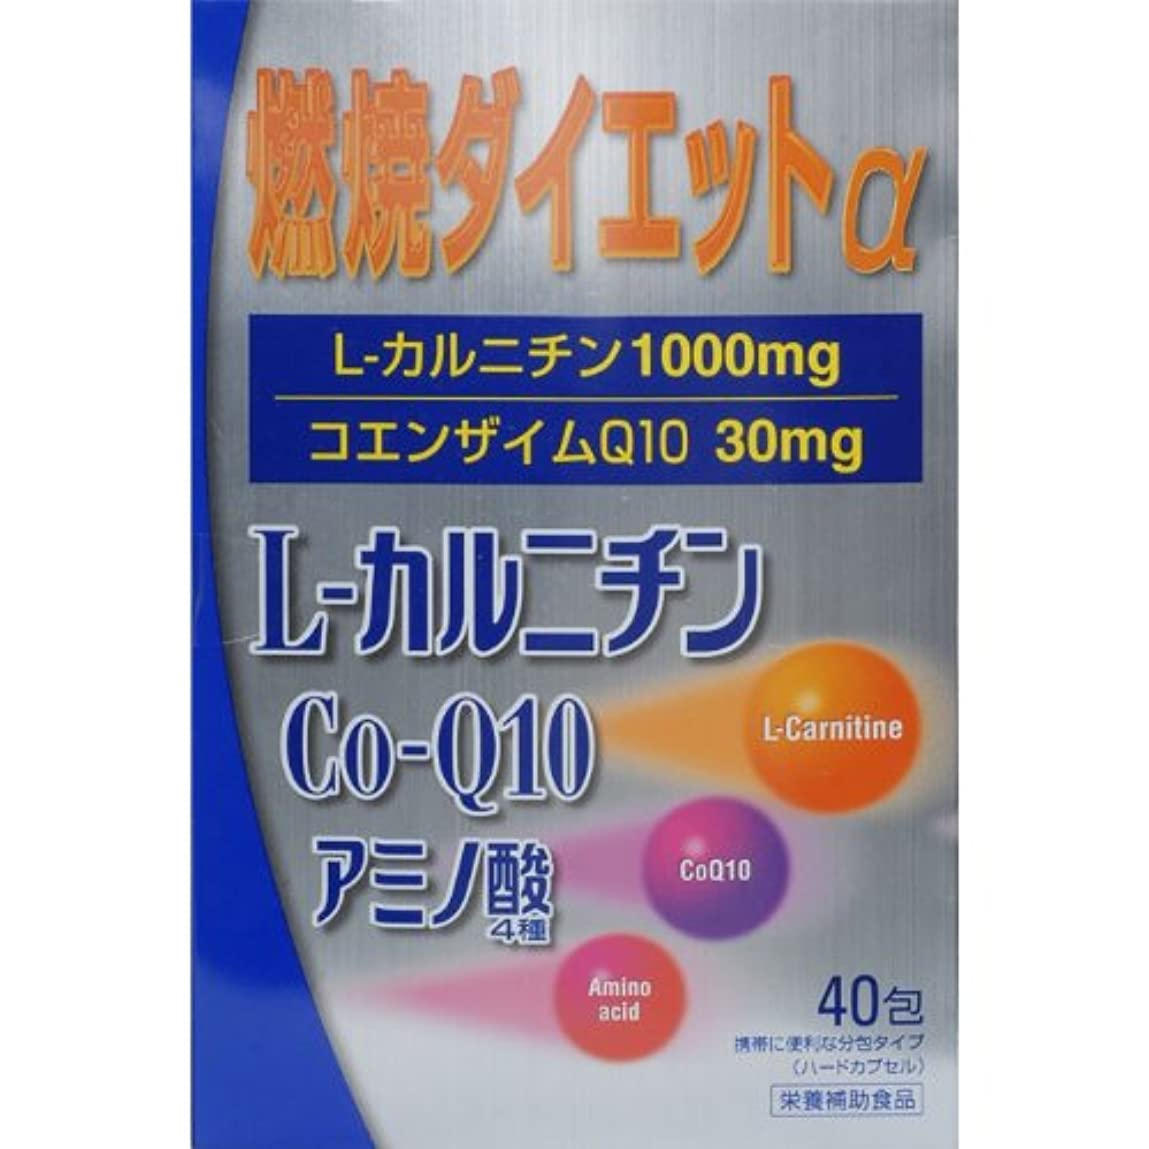 燃焼ダイエットL‐カルニチンα 40包